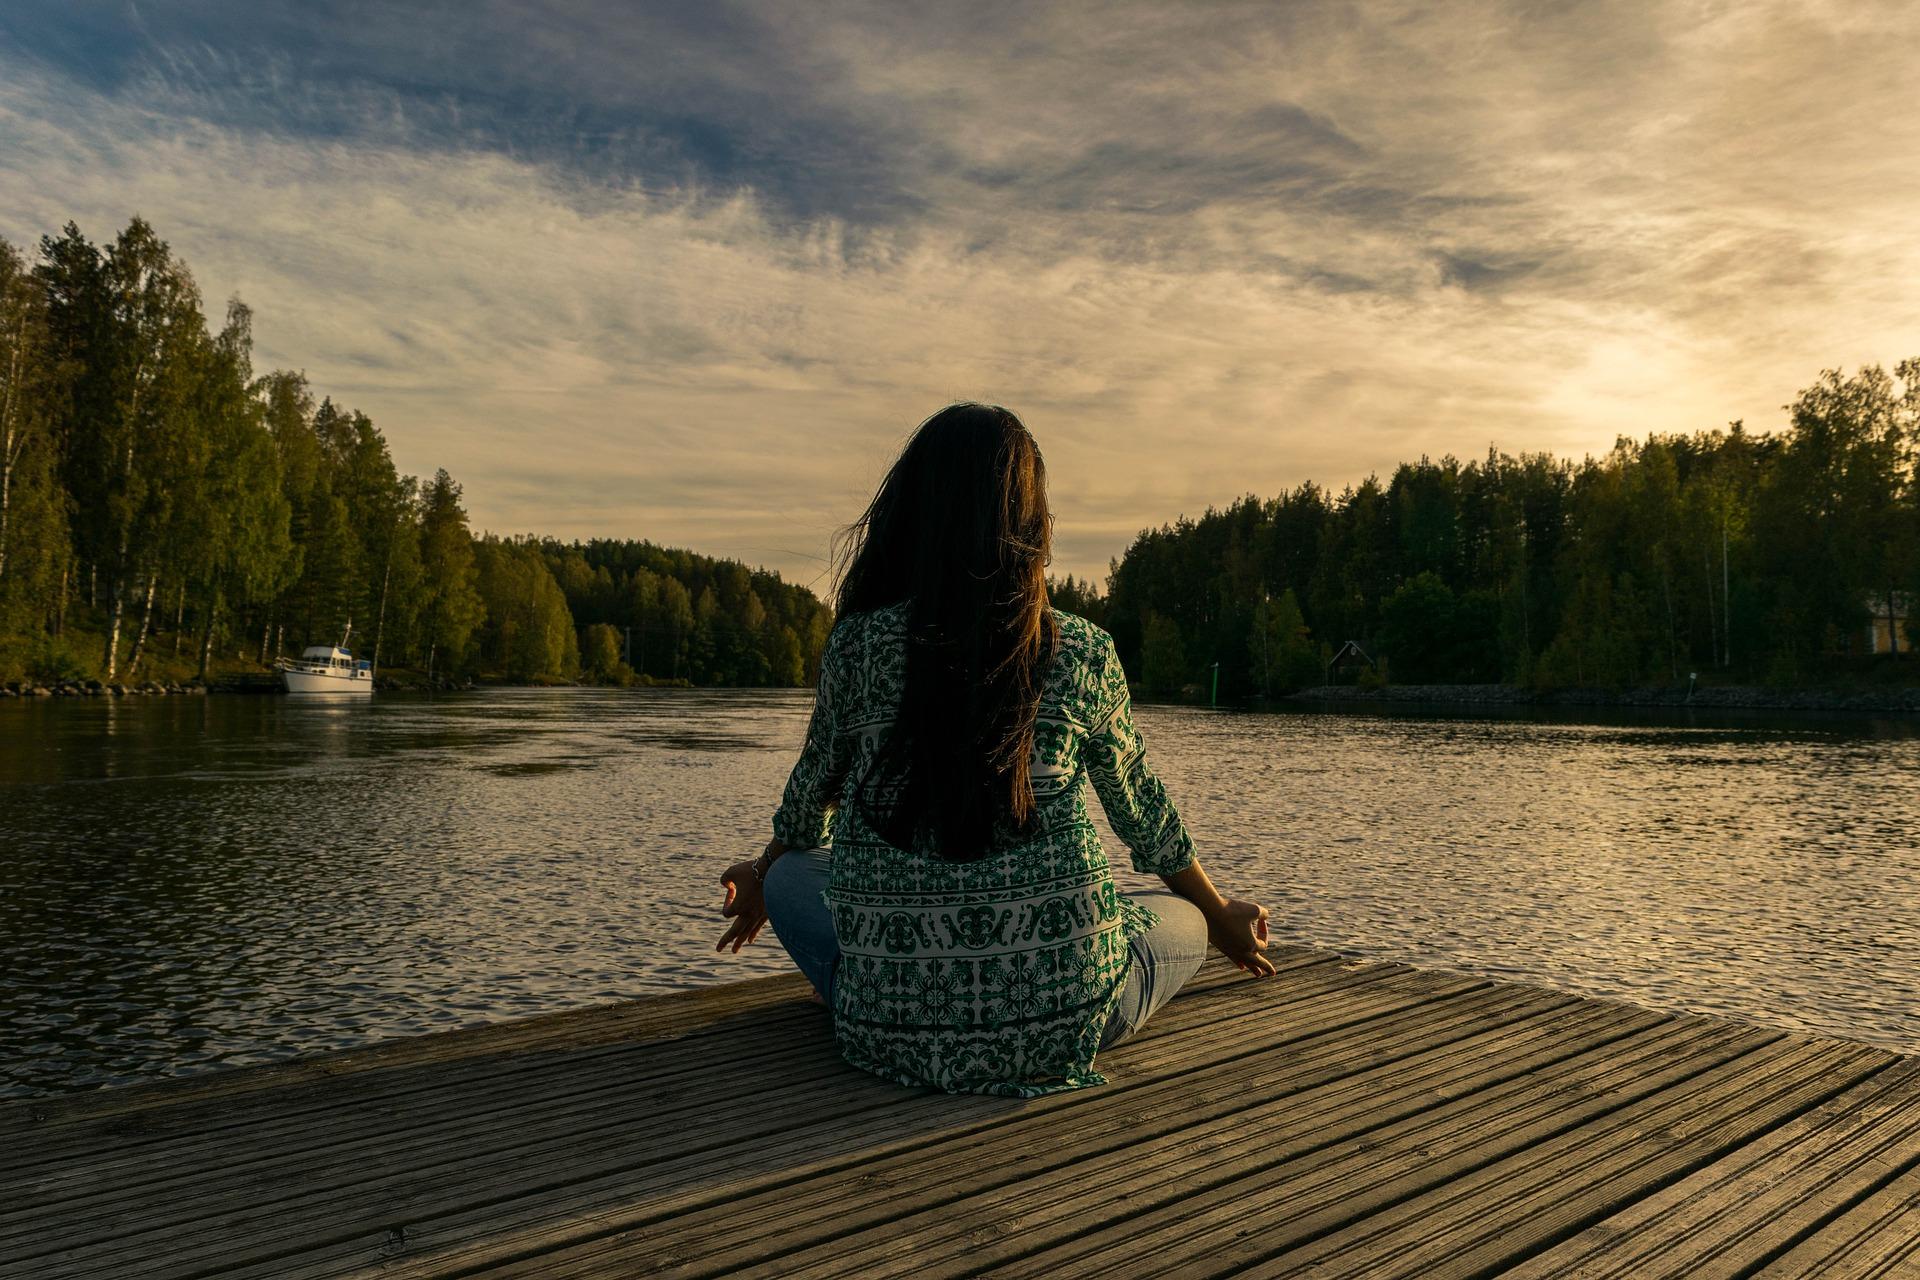 Parvenez-vous à gérer votre quotidien sereinement ?